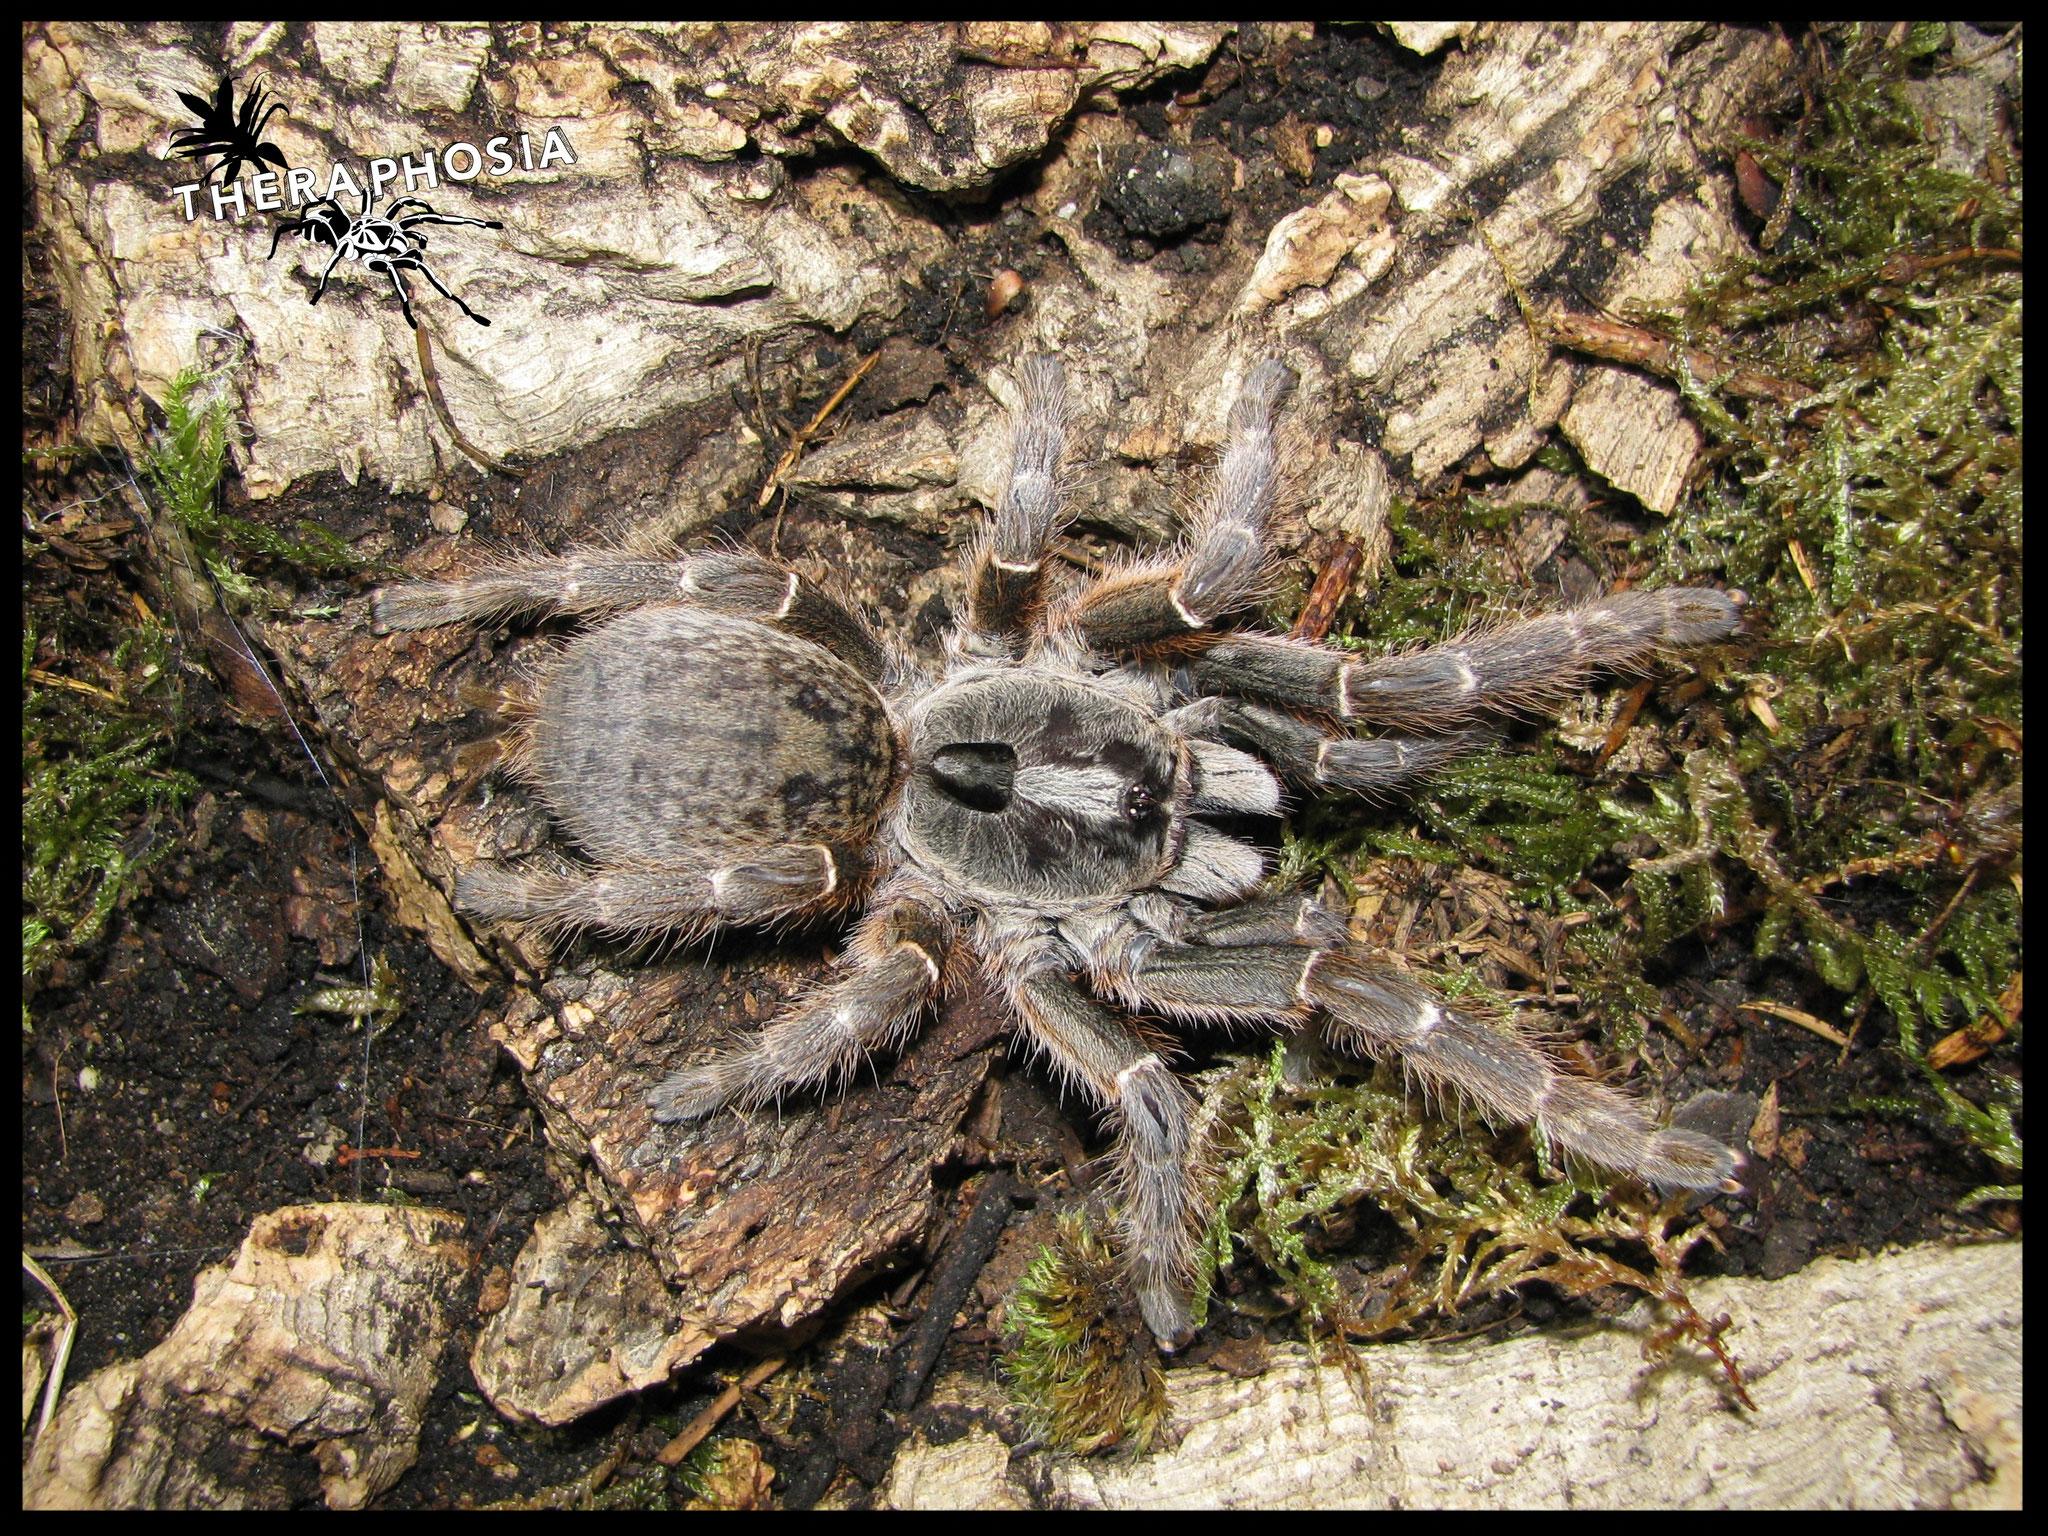 0.1 Ceratogyrus darlingi